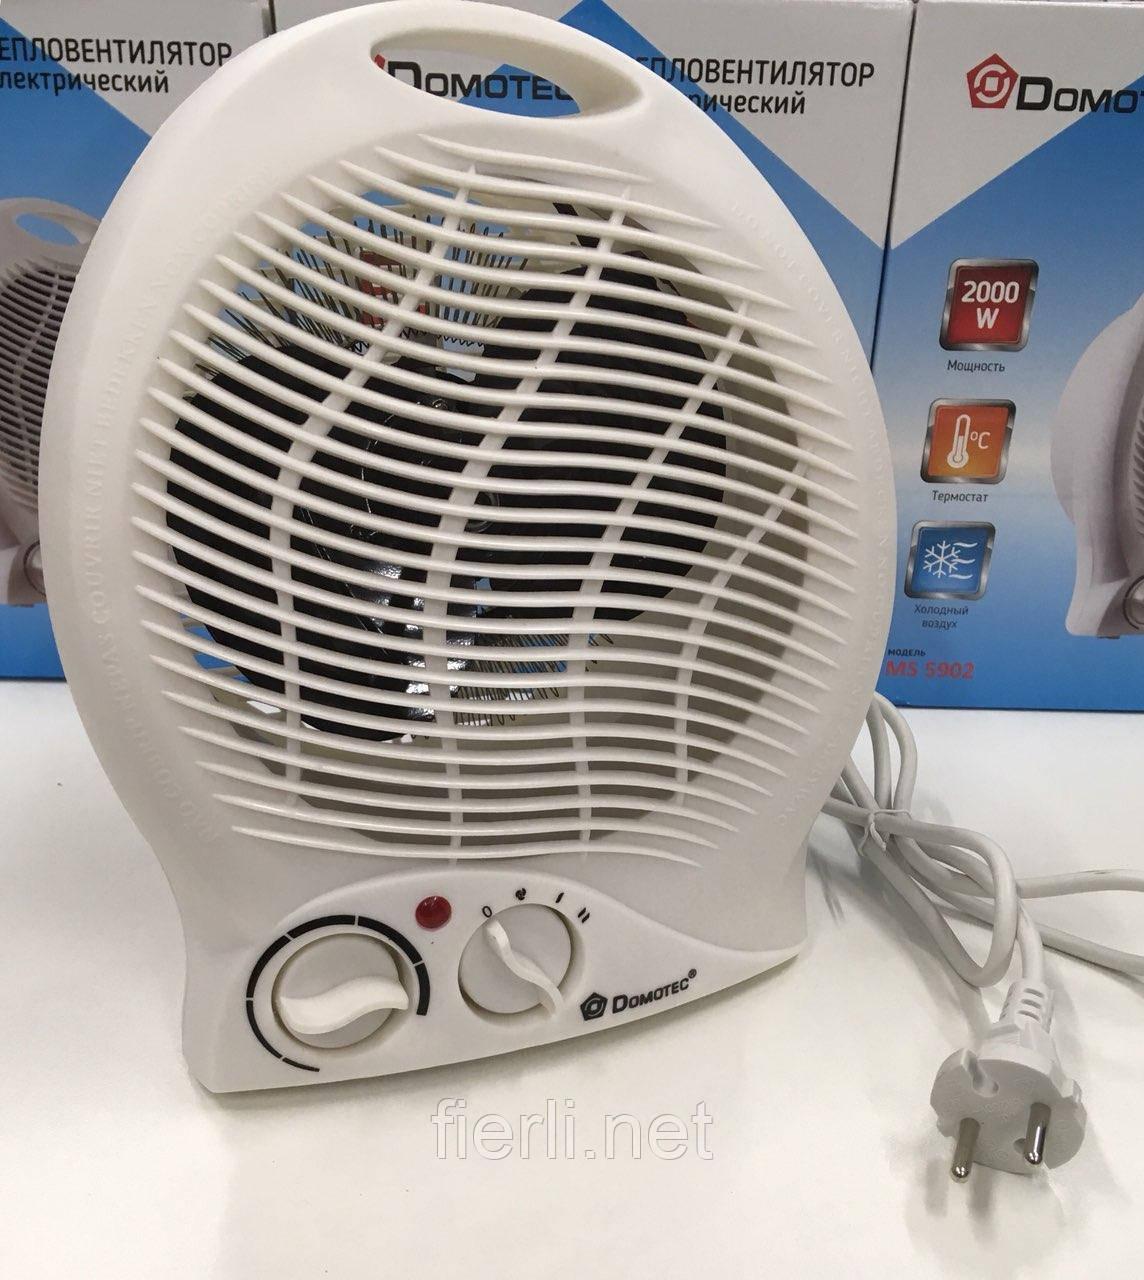 Тепловентилятор  (обогреватель) Domotec MS 5902 (2000W)